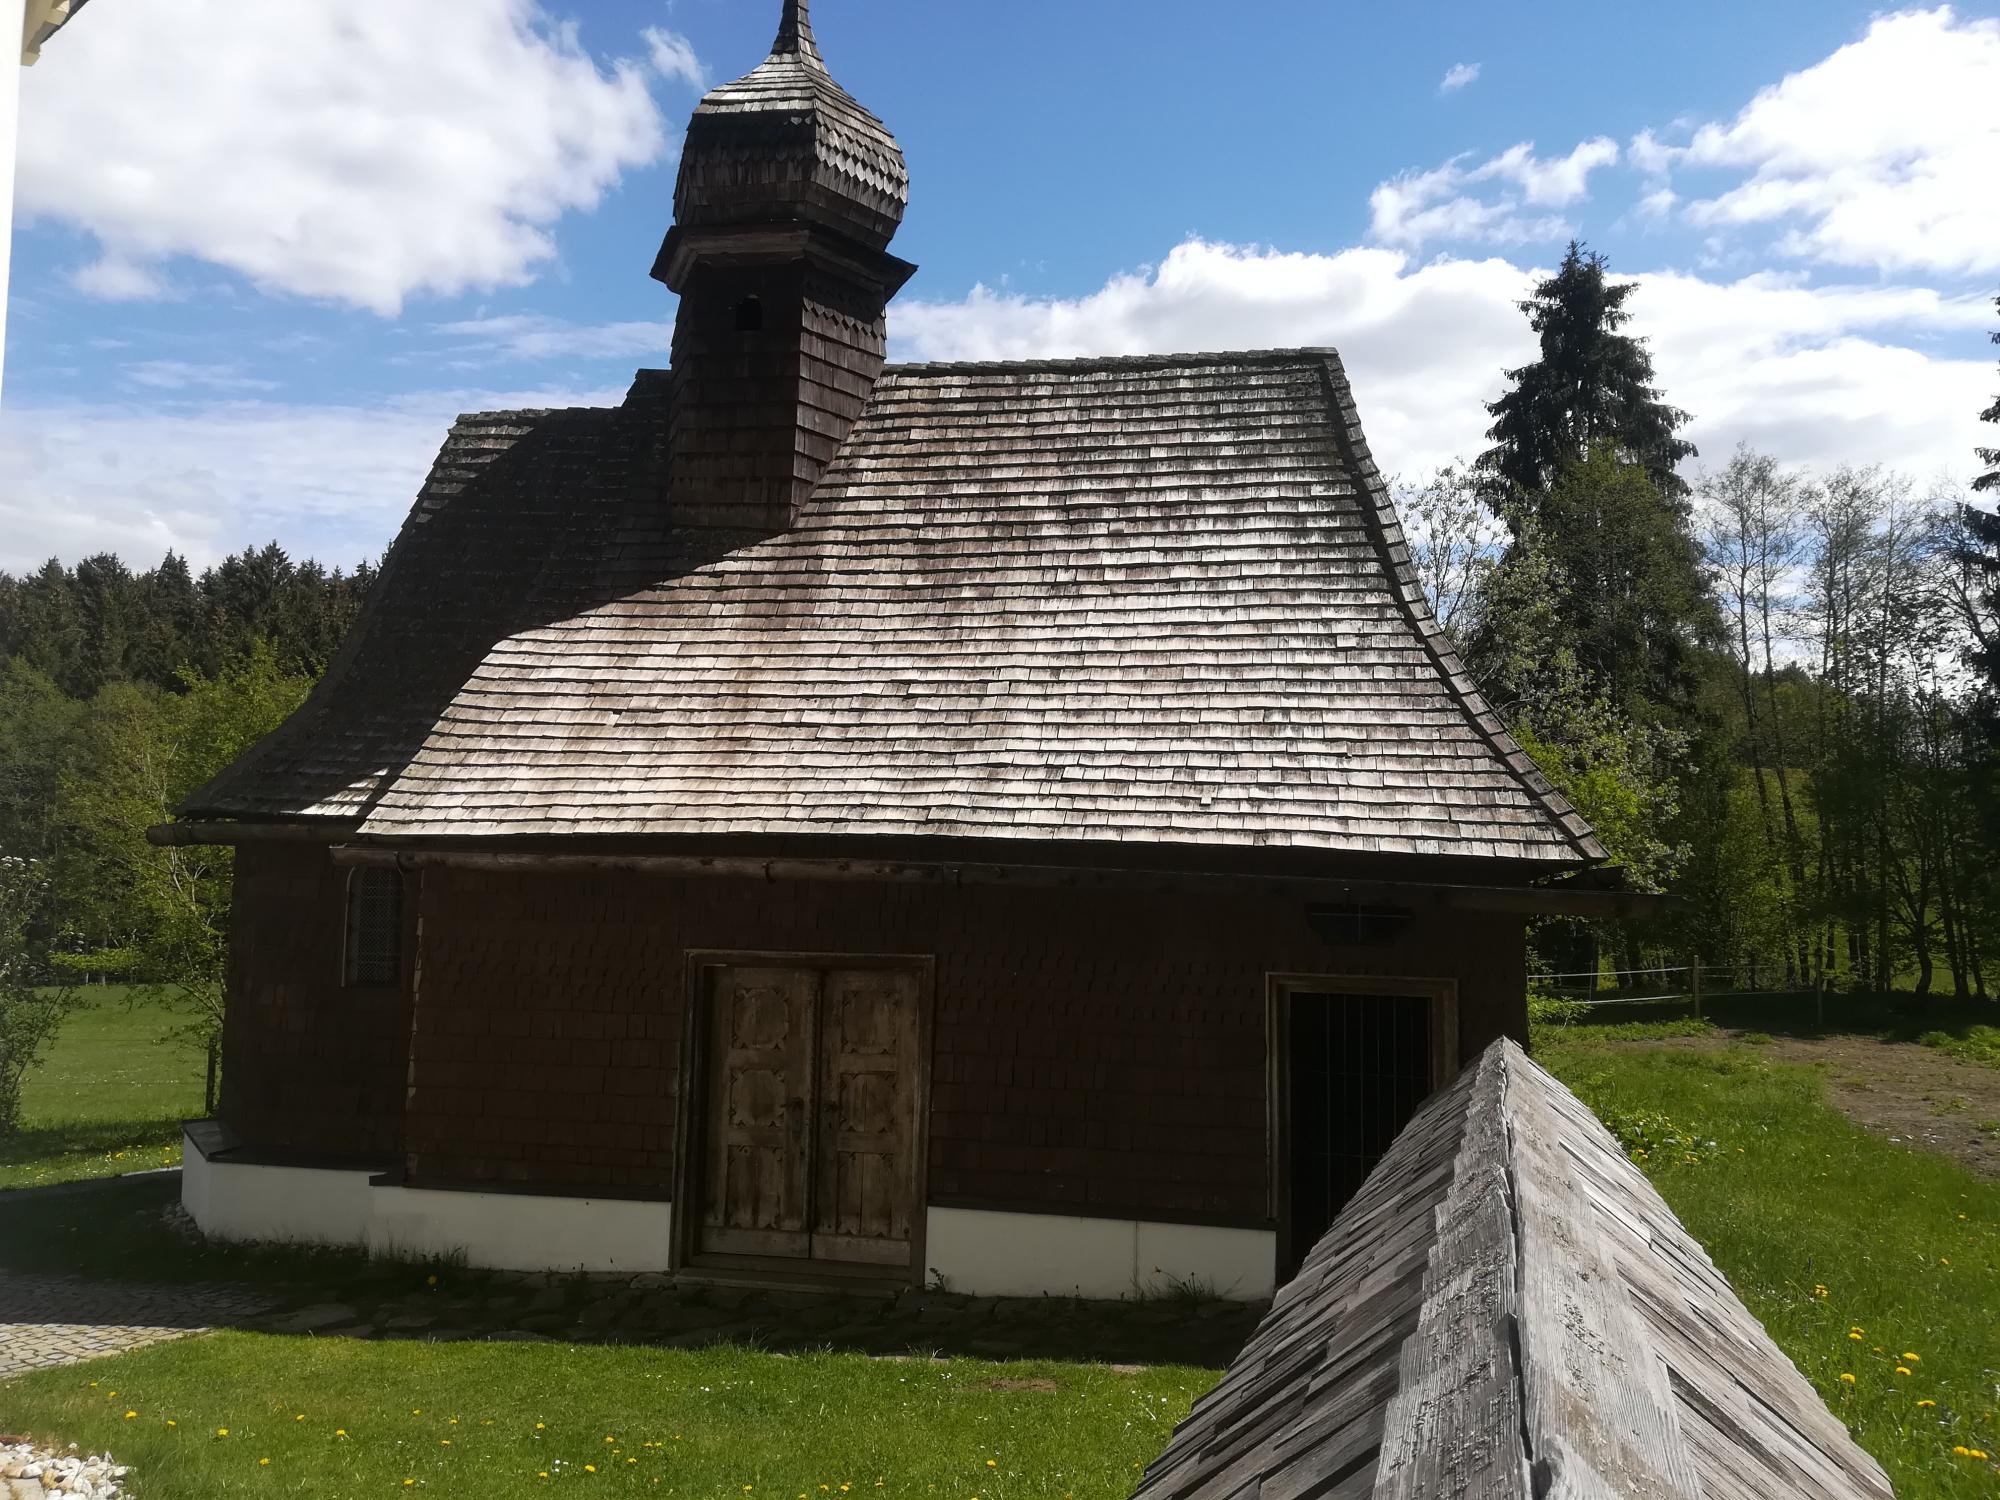 2019-pfarreiein-kirchen-sthermann-einsiedelei-kapelle-1